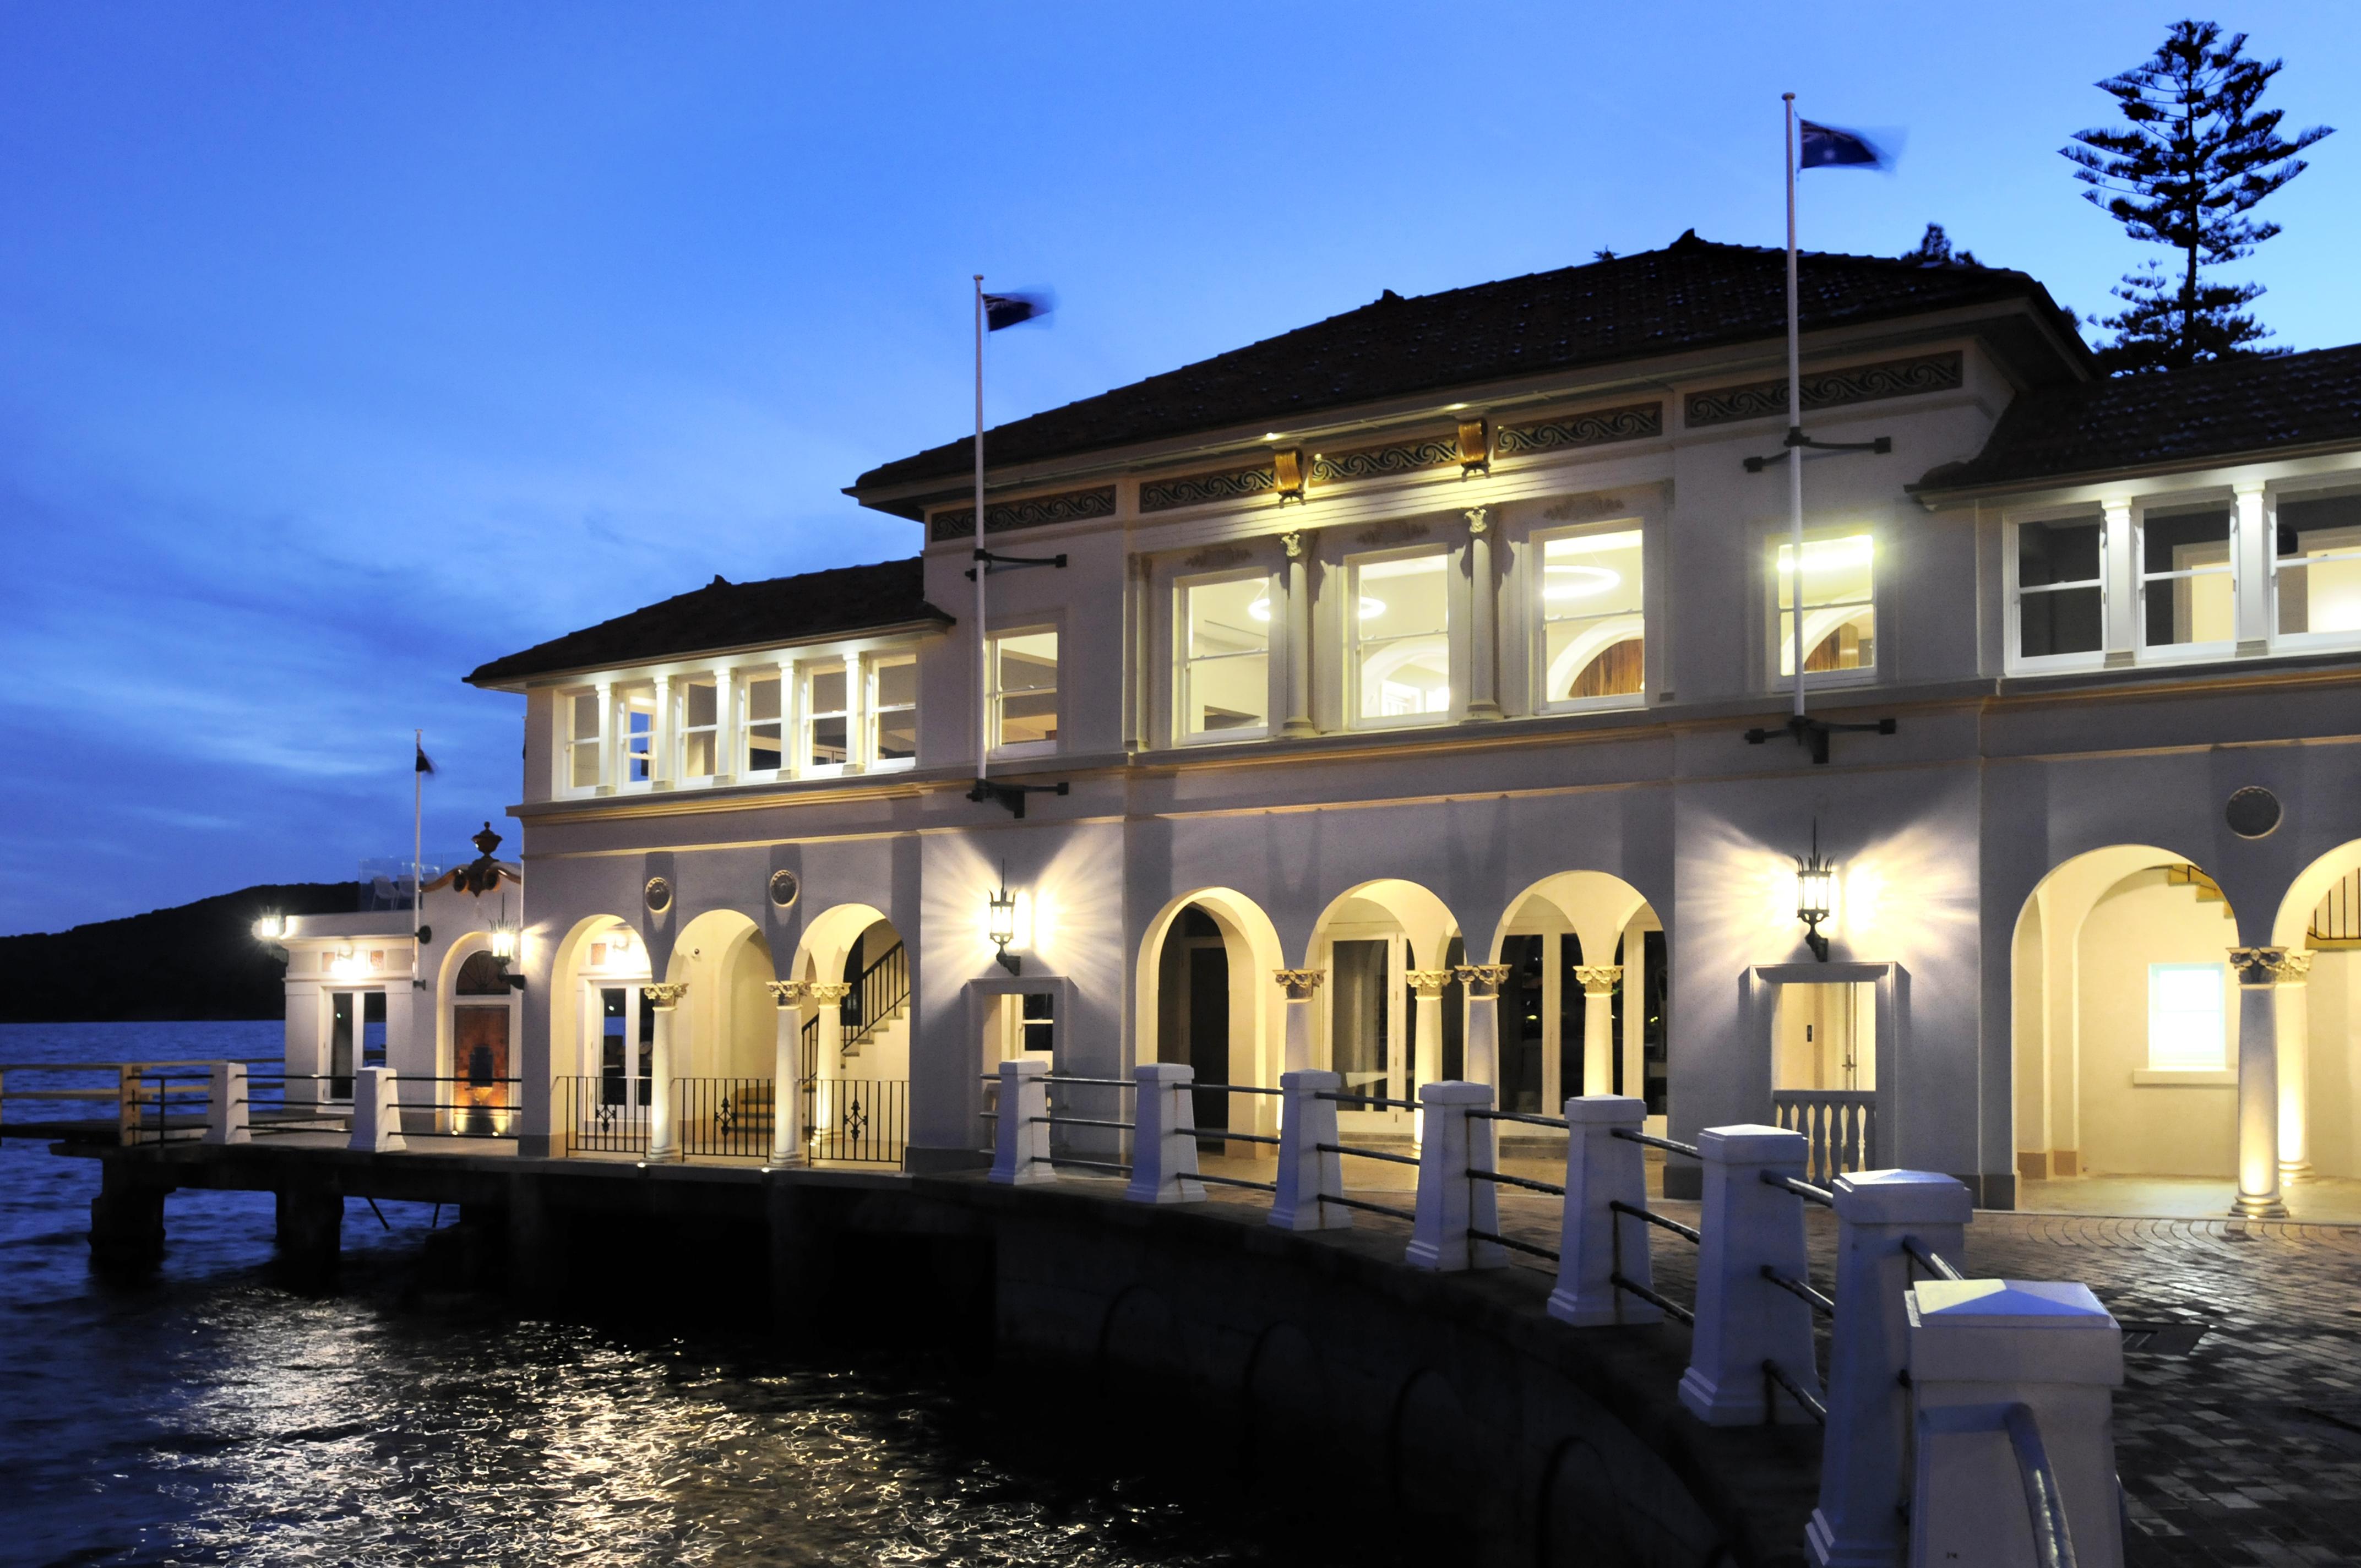 Manly Pavilion